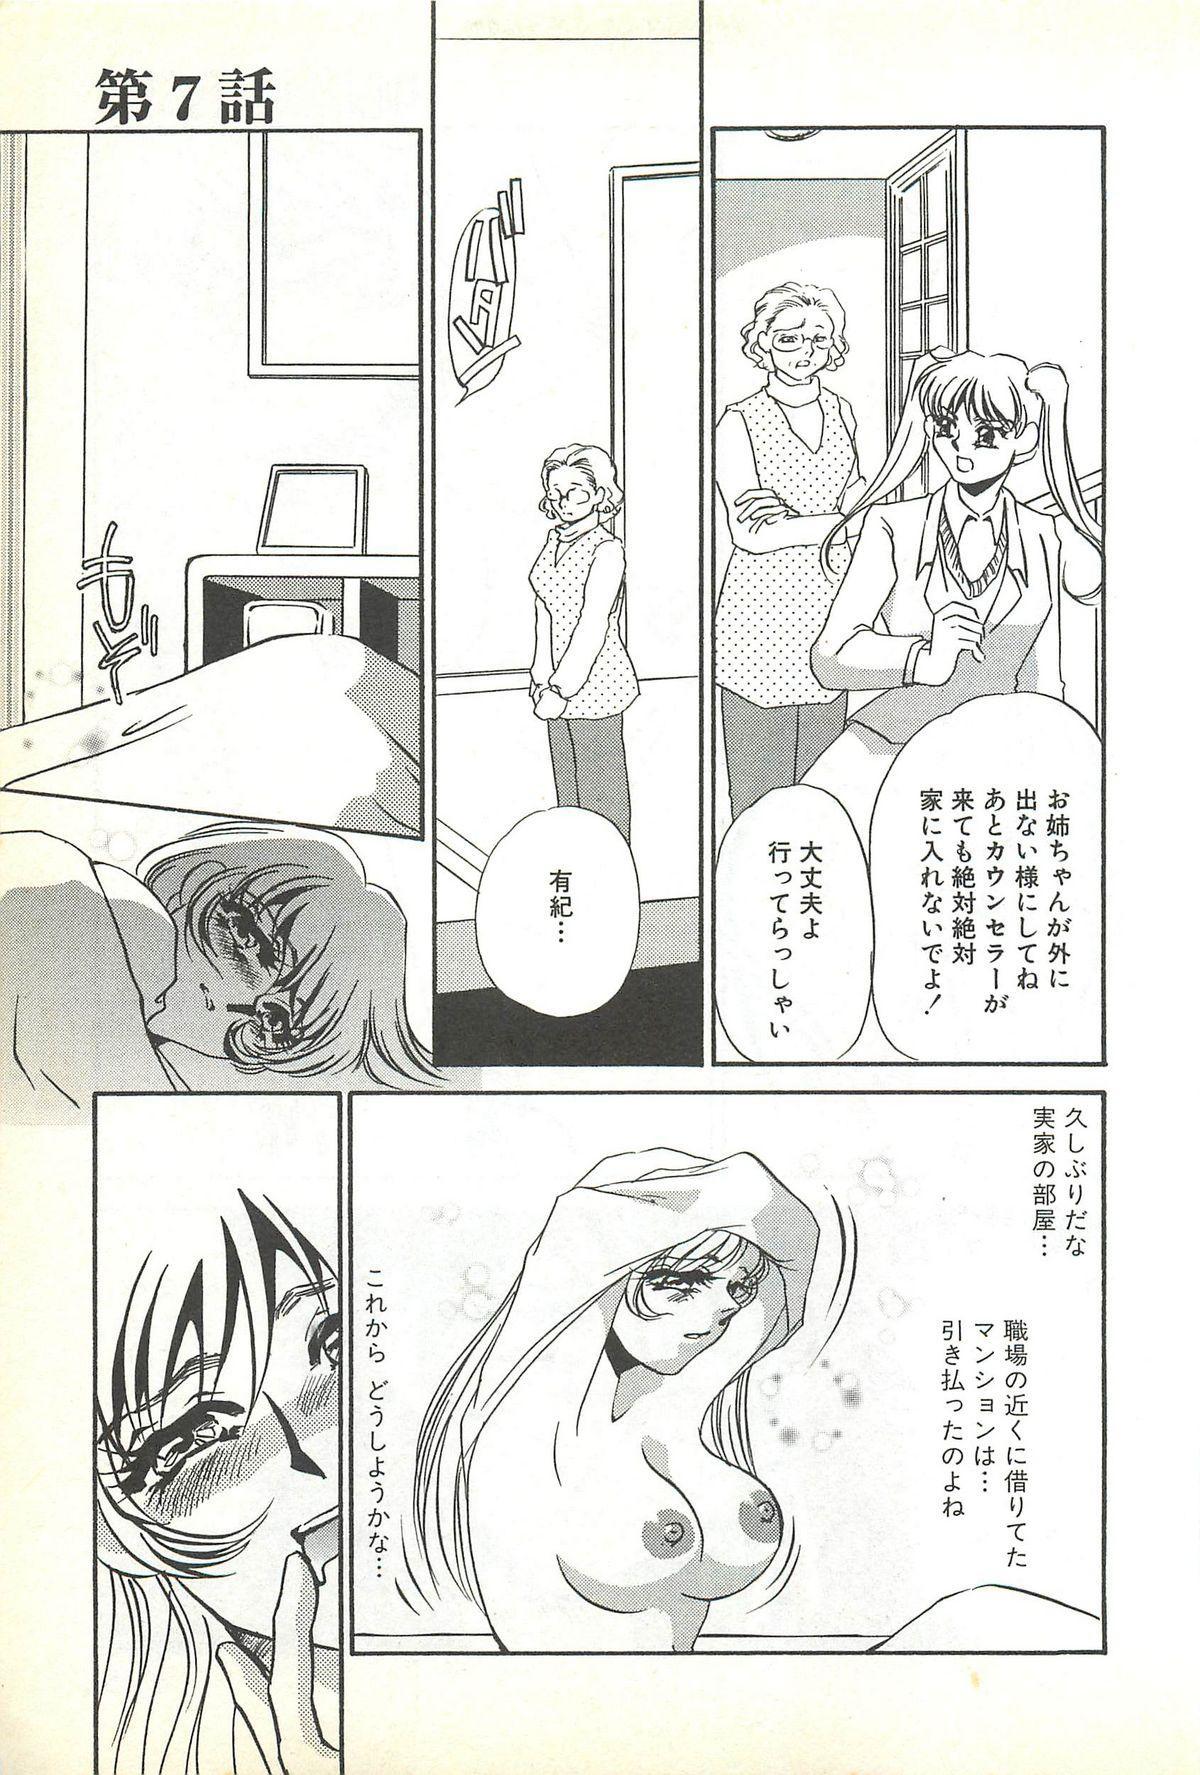 Chigyaku no Heya - A Shameful Punishment Room 124